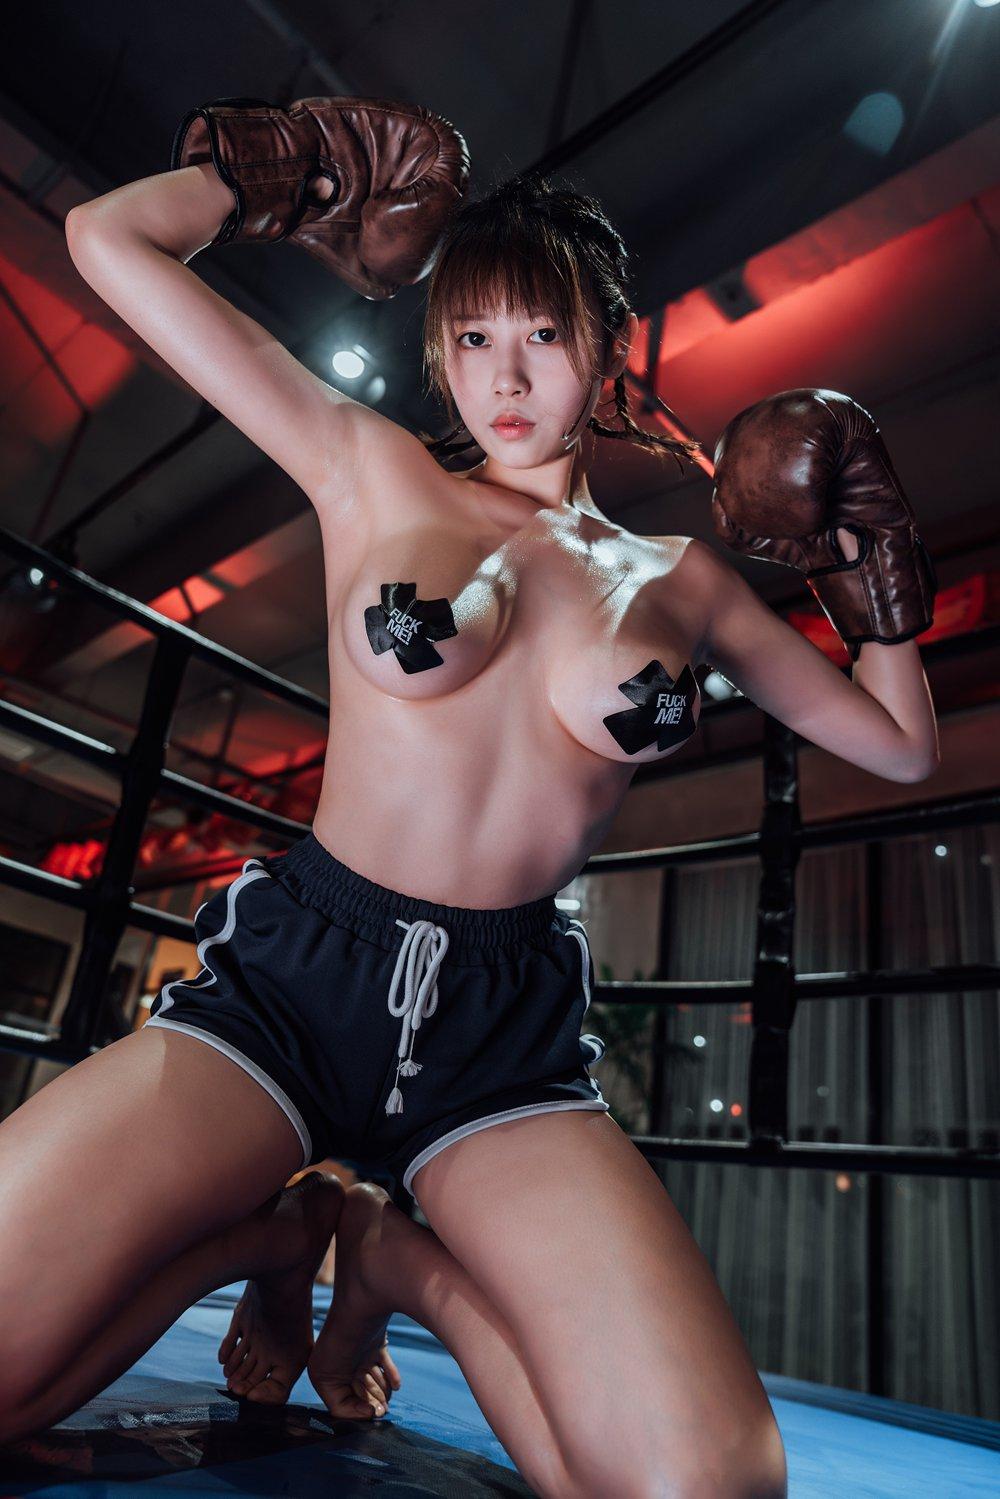 奈汐酱 - 女拳击手 [35P]